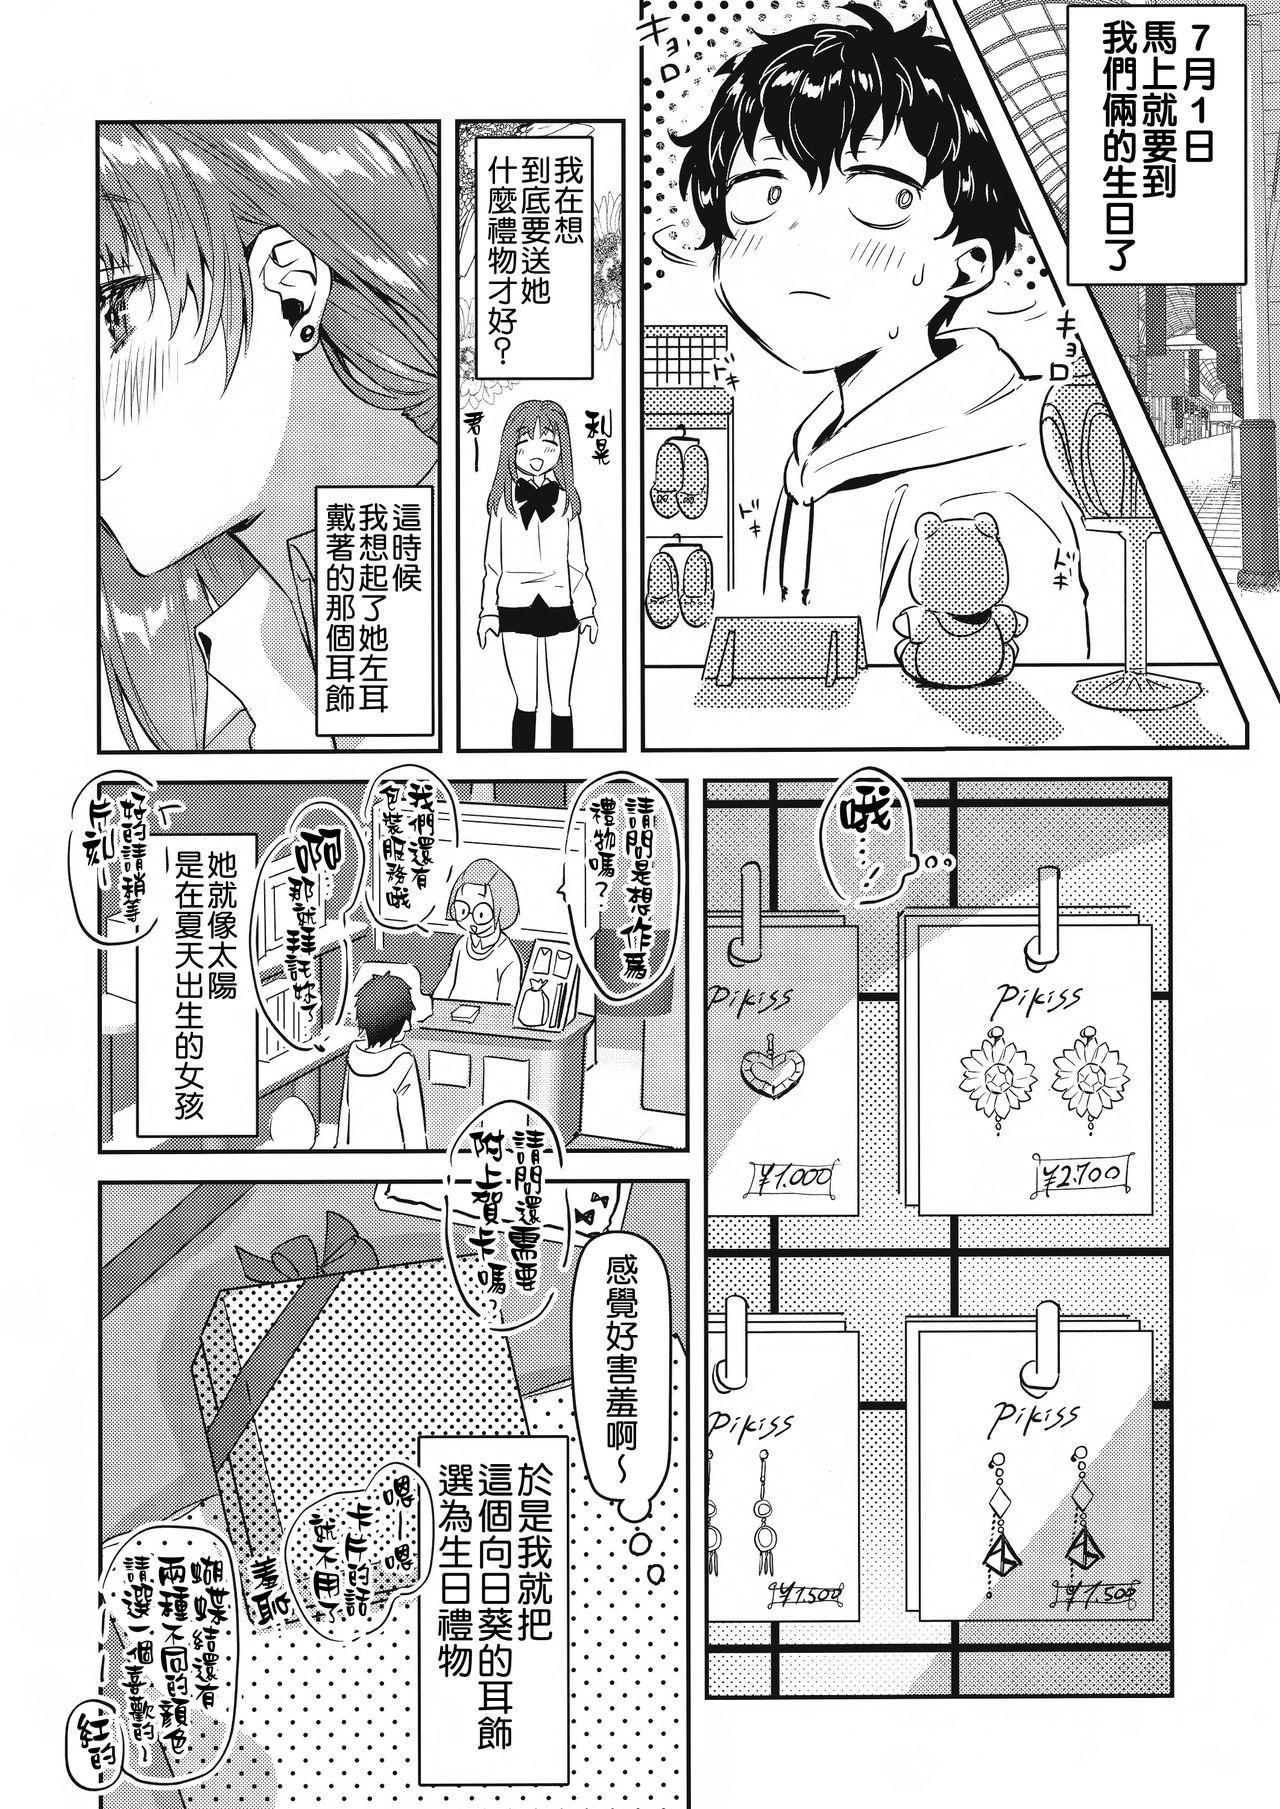 (C96) [Yanyanyo (Yanyo)] Onee-chan, Kimitachi no Koto shika Aisenai - Tomodachi Gokko Hen [Chinese] [CE家族社] 17